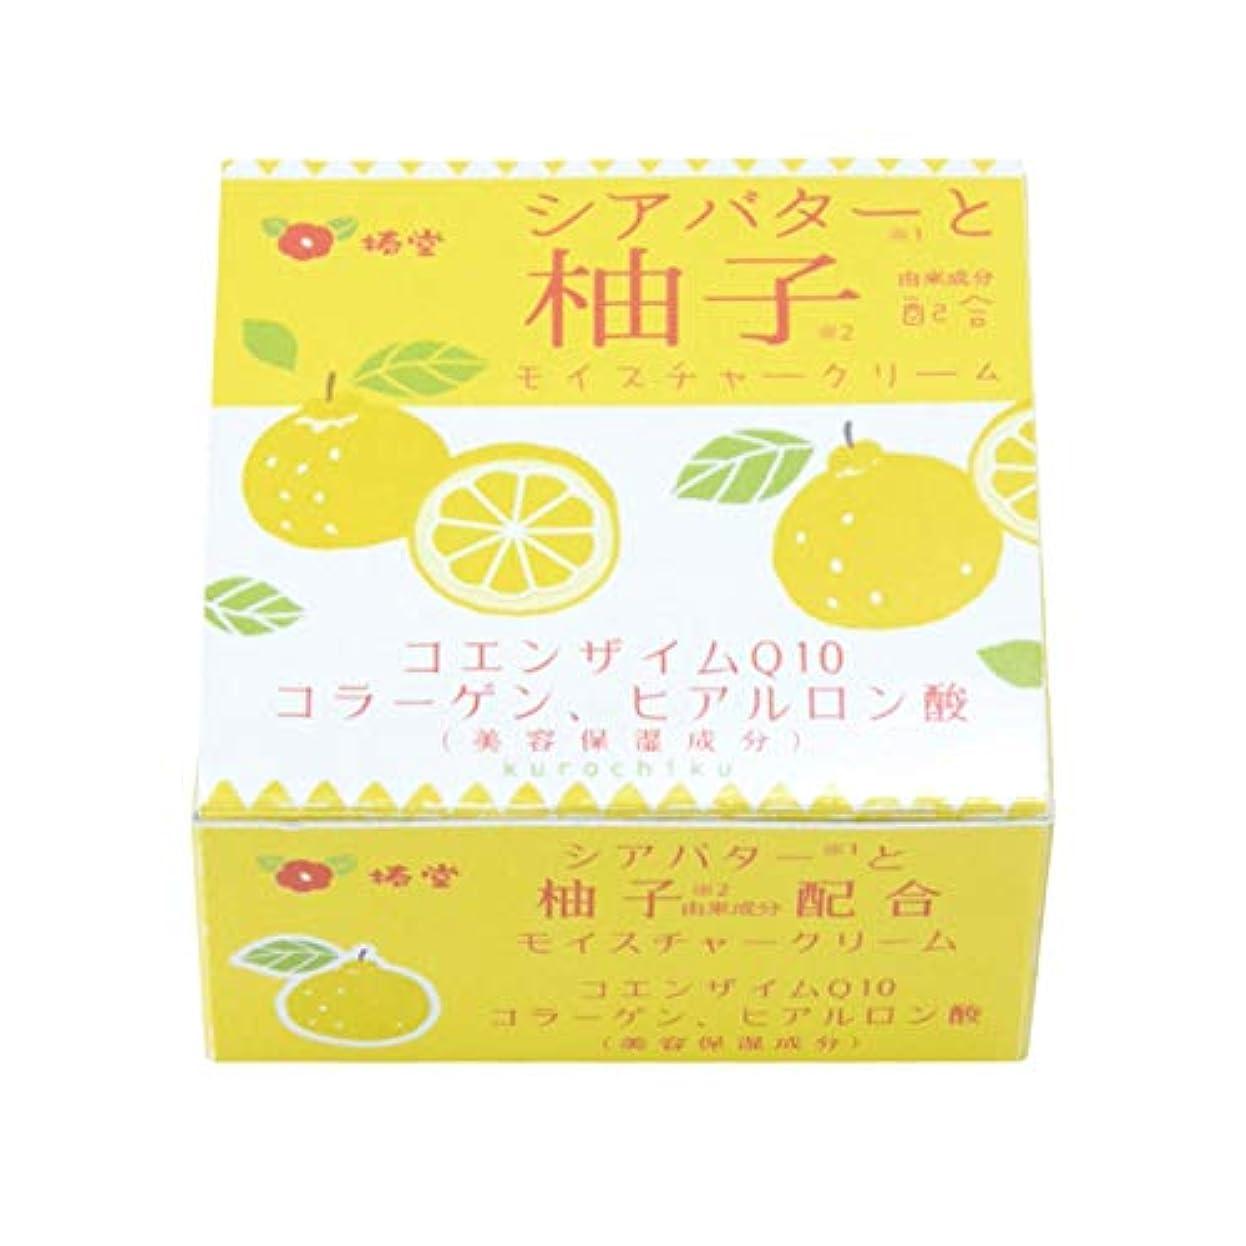 ミケランジェロ宇宙イル椿堂 柚子モイスチャークリーム (シアバターと柚子) 京都くろちく